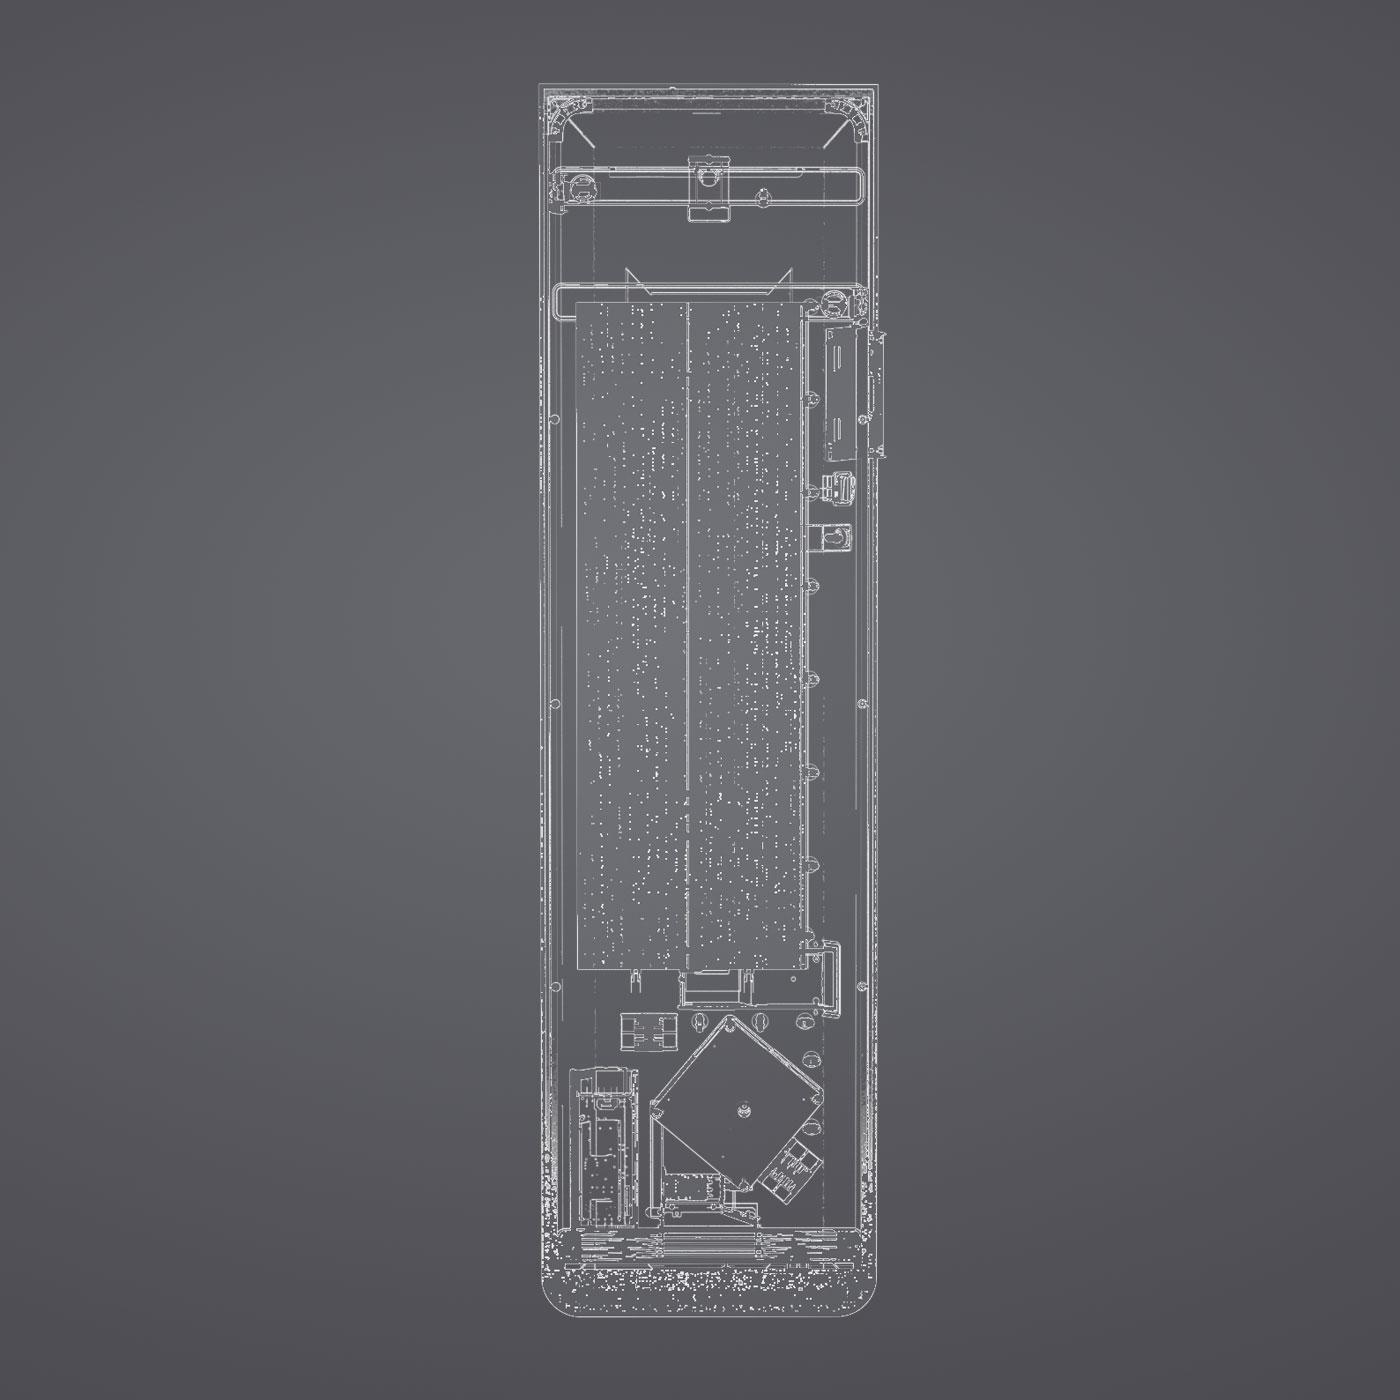 Image partie innovation du produit CAMPAVER BAINS KYOTO 3.0